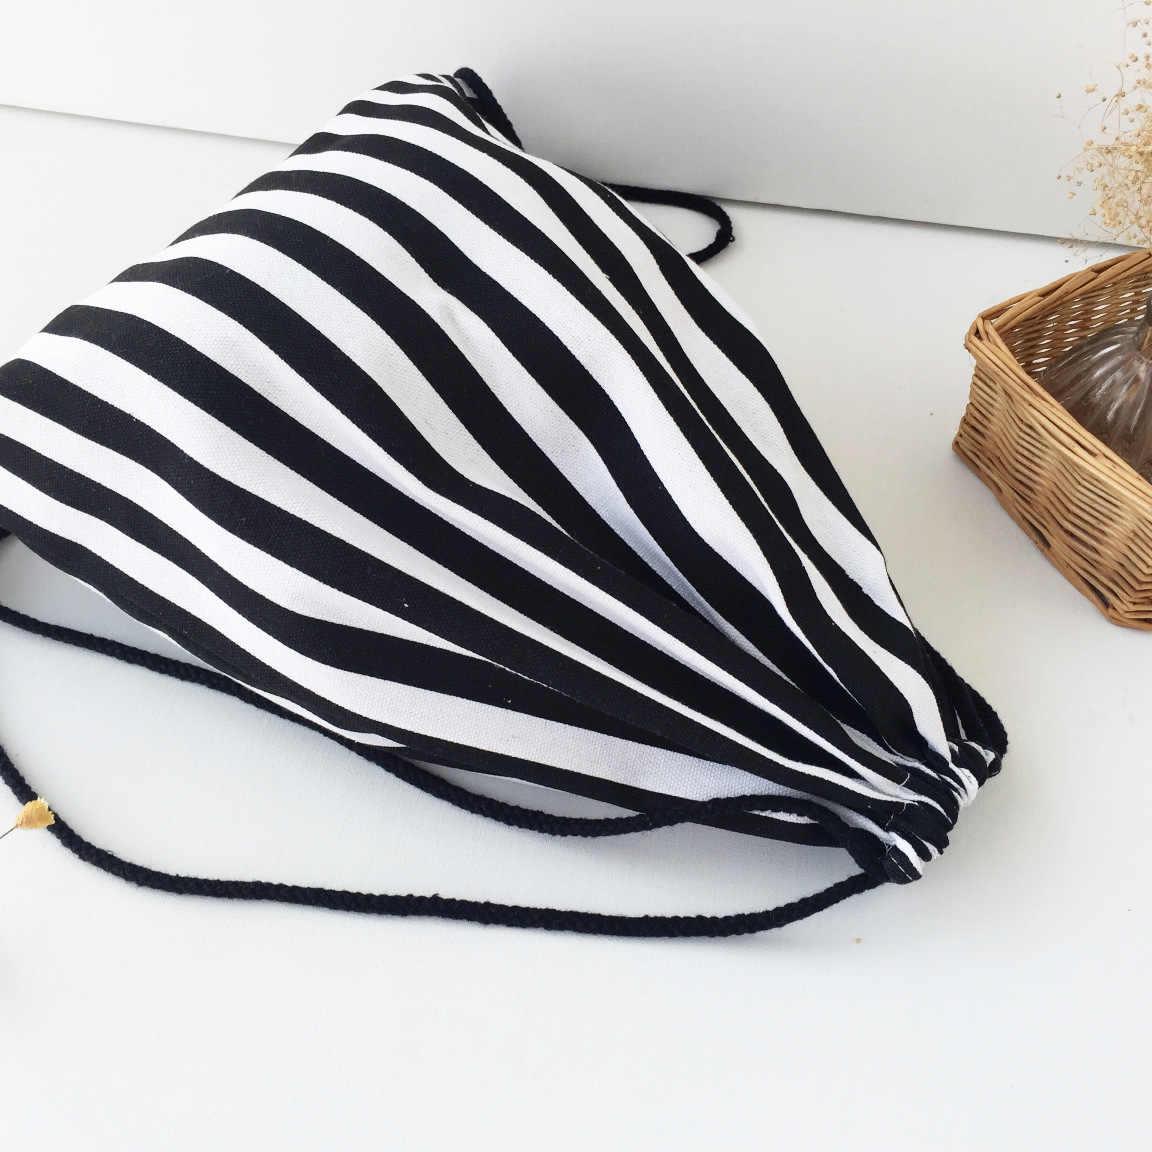 Moda de Algodão da Listra & linho Sacos De Armazenamento Ao Ar Livre para Viajar Praia Sapato Lavanderia Maquiagem Bolsa Softback Homem Mulheres Saco de Cordão